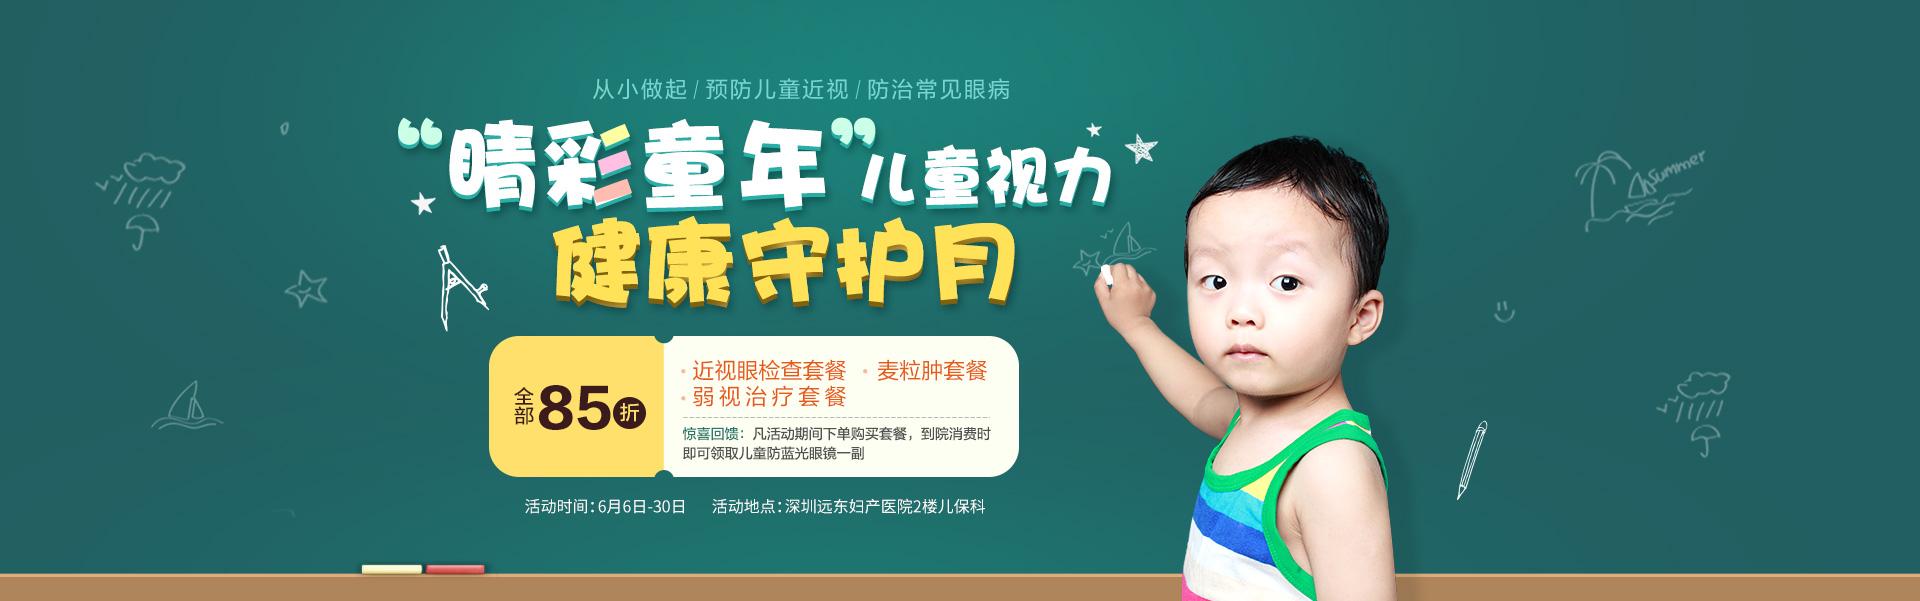 儿童视力健康守护月